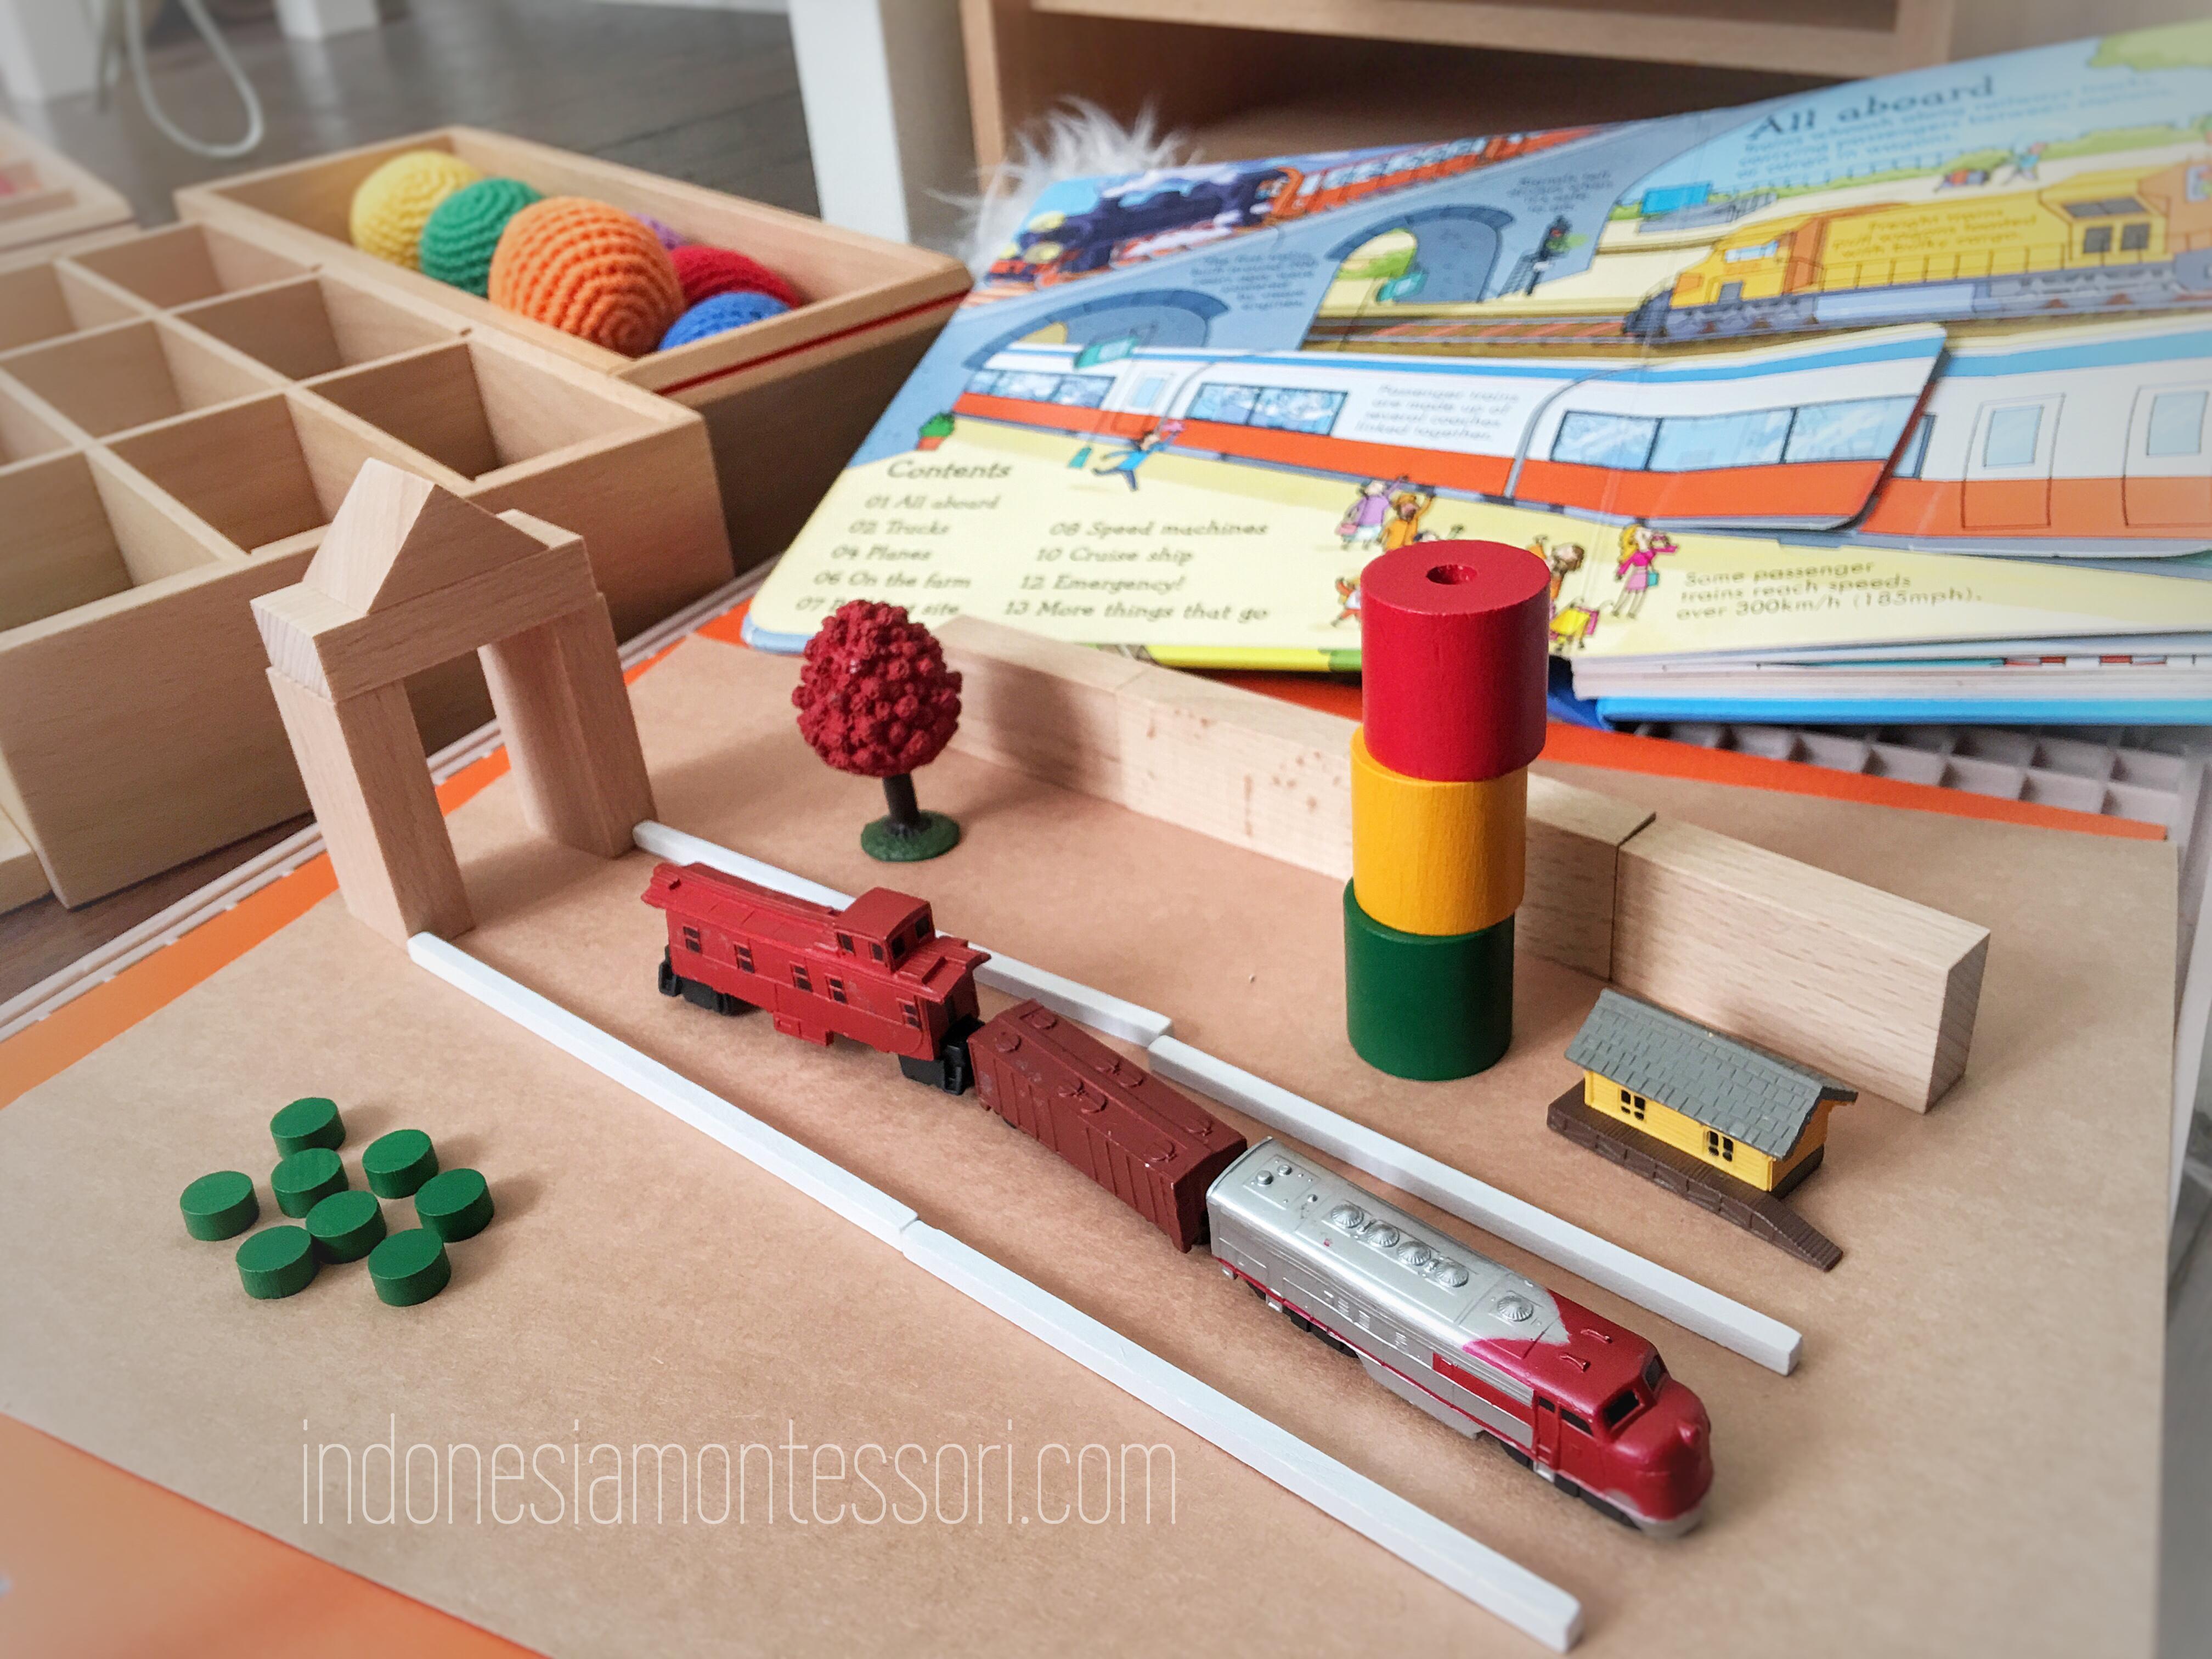 Untuk mainan konstruksi anak berusia 2 6 tahun bisa berupa balok balok kayu ini never s old…open ended dan selalu sepanjang masa seru ingat jaman dulu